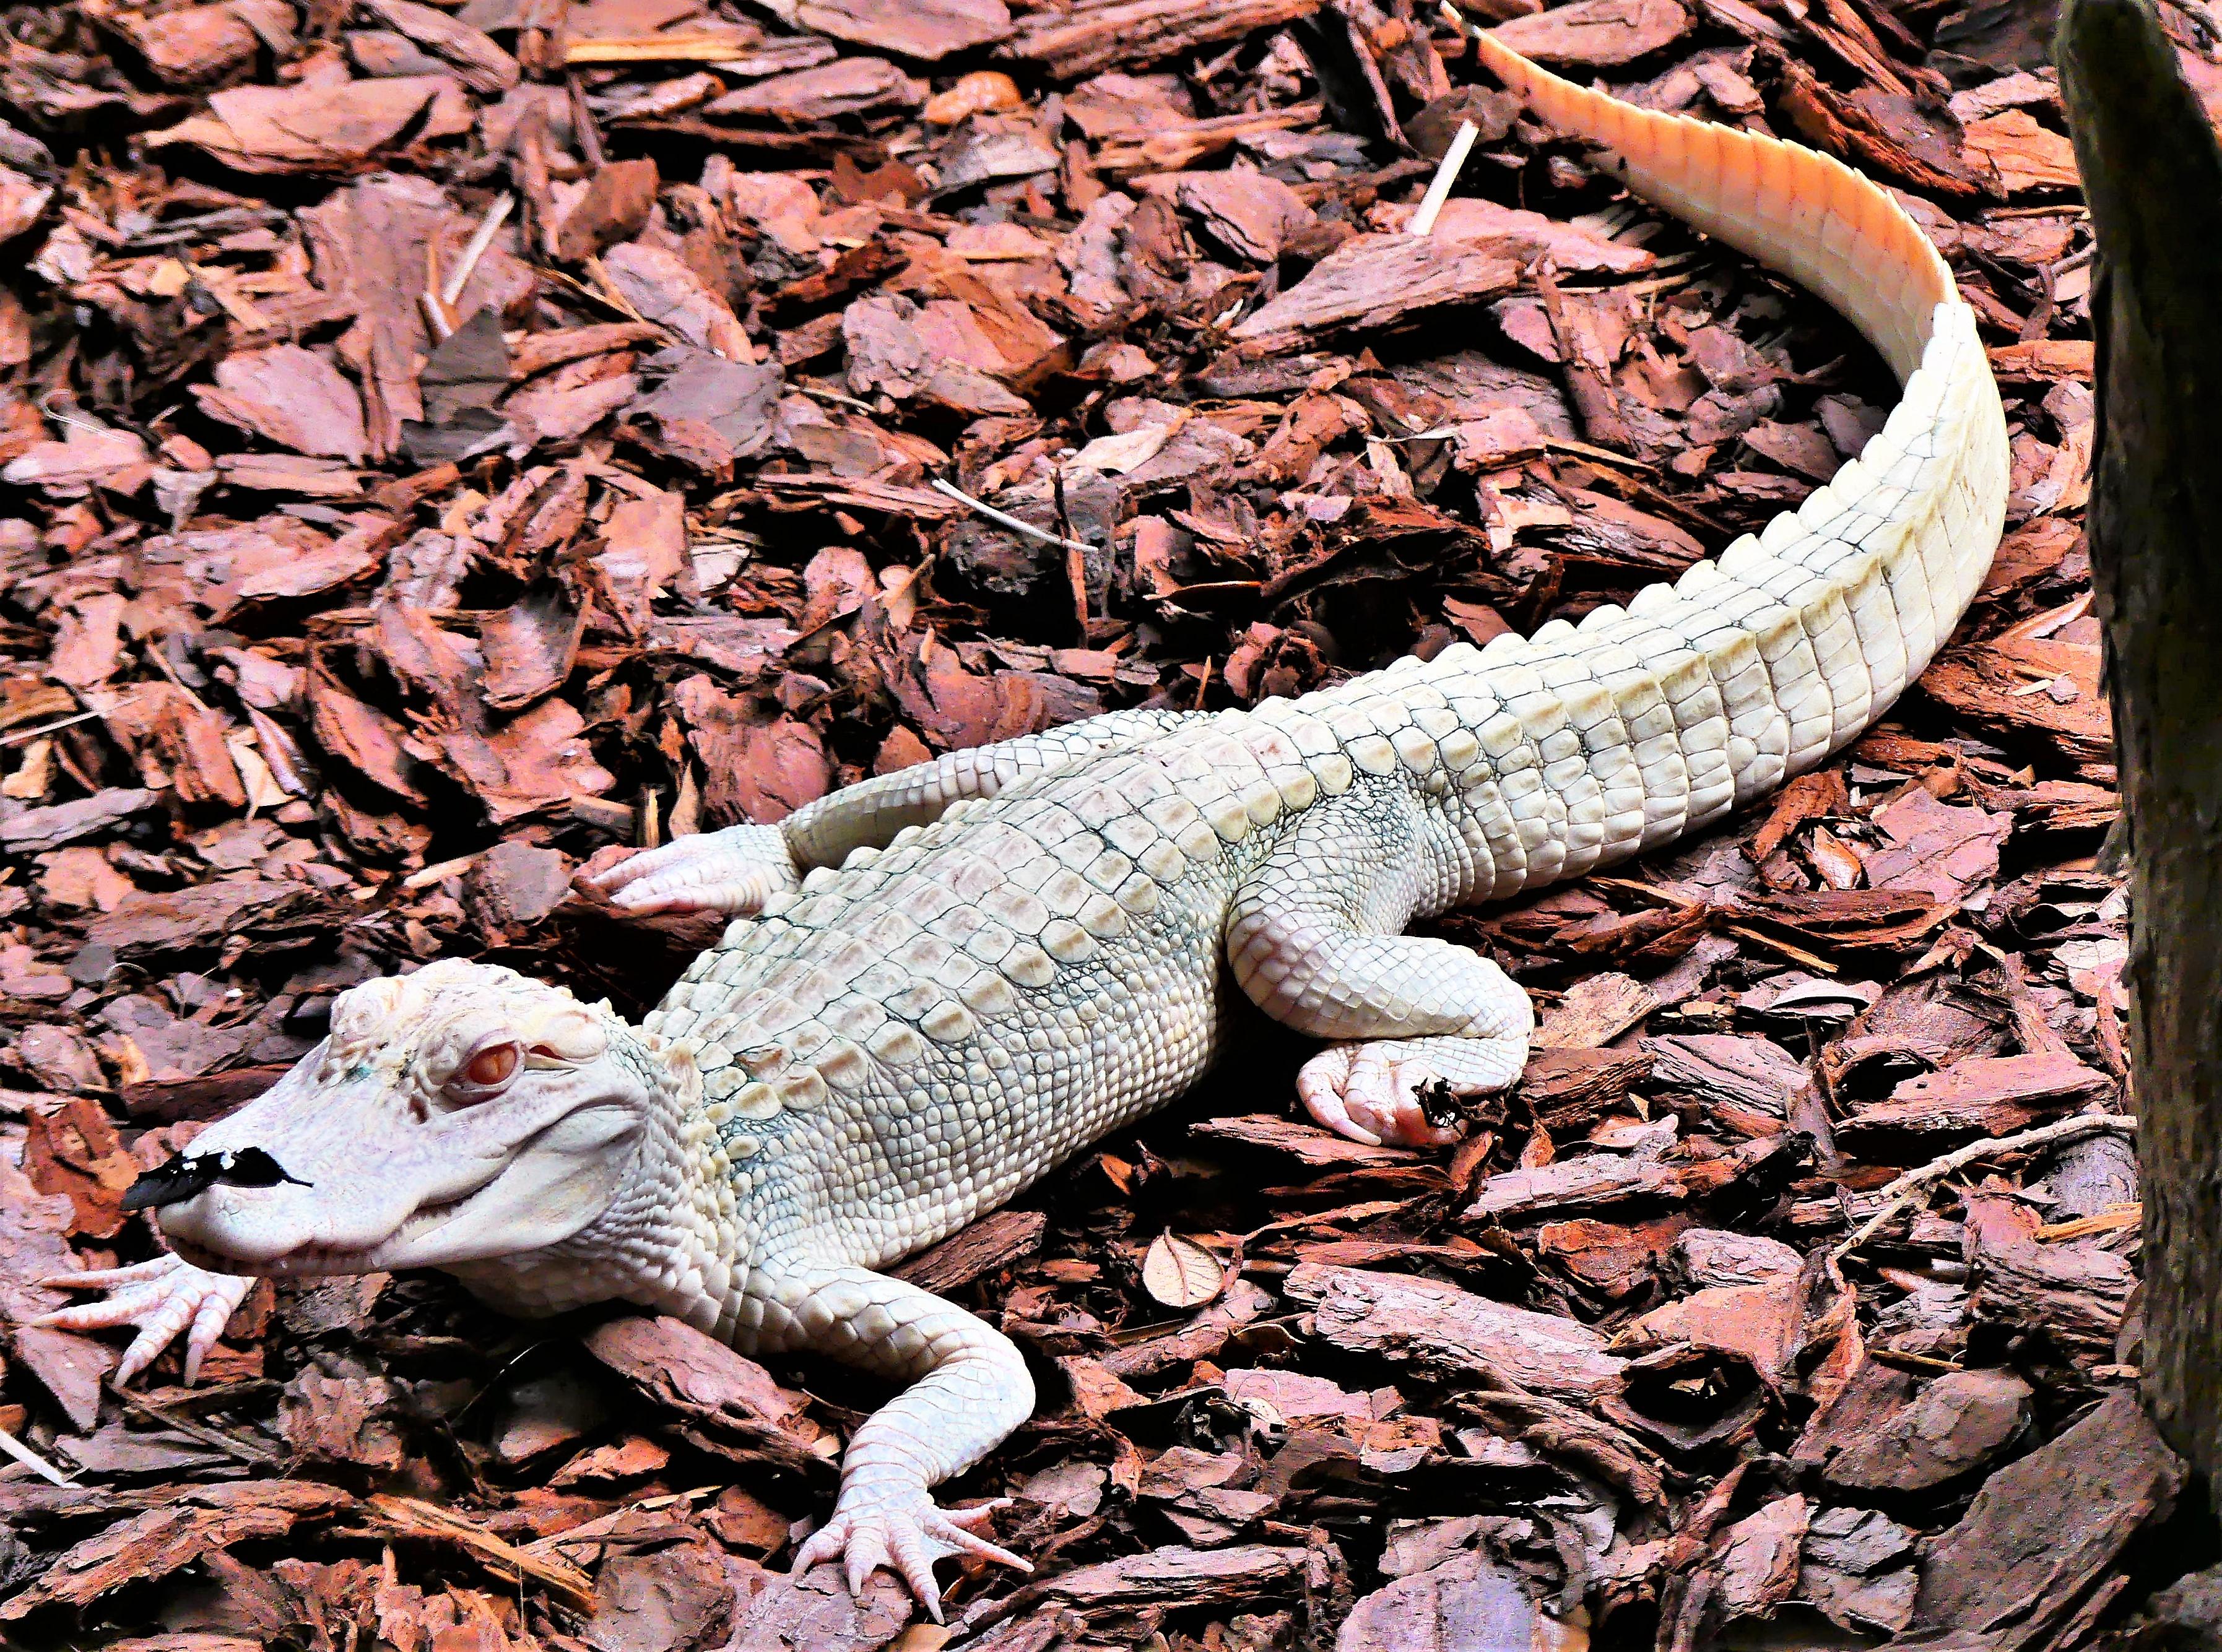 albino alligator.jpg